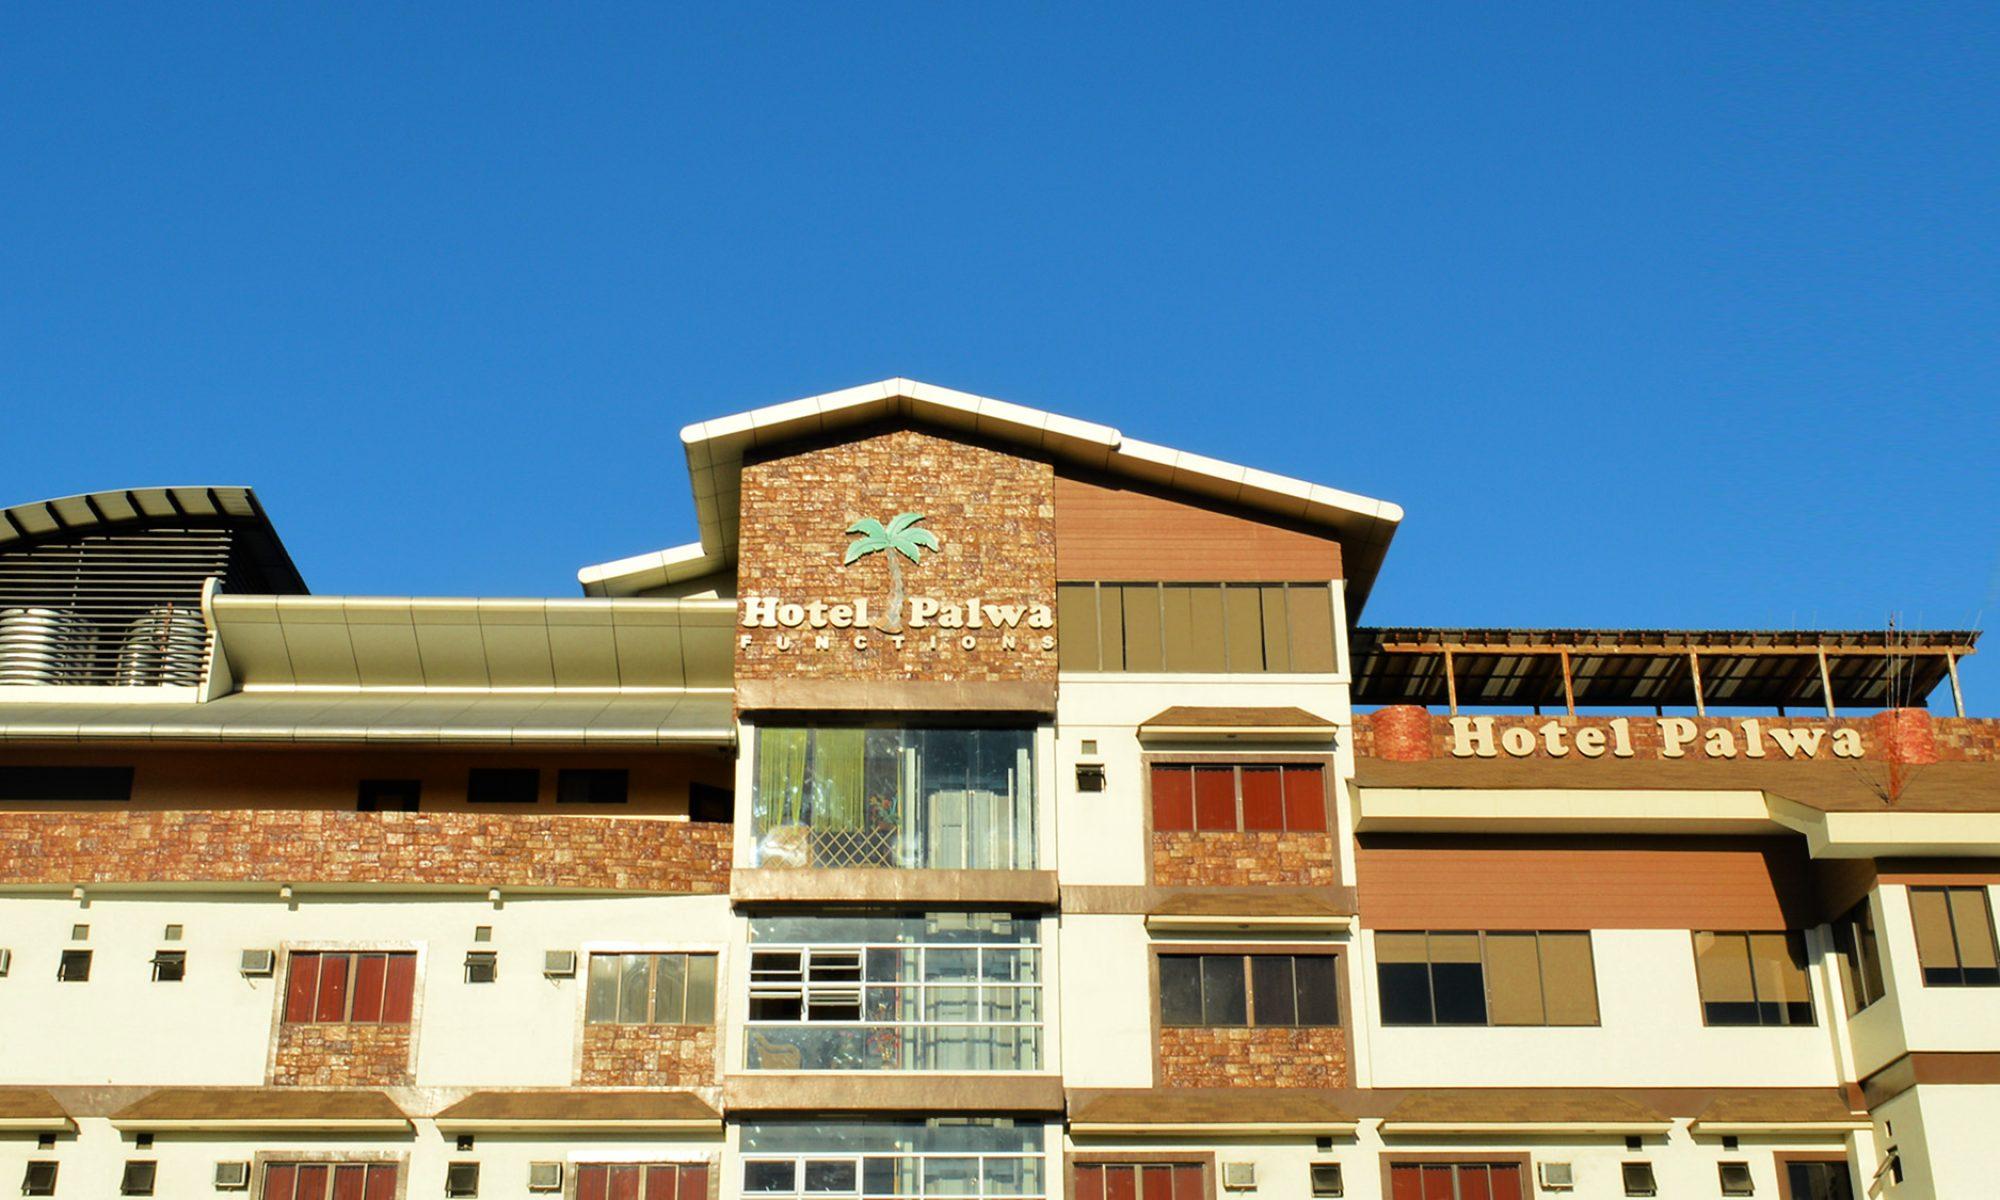 Hotel Palwa